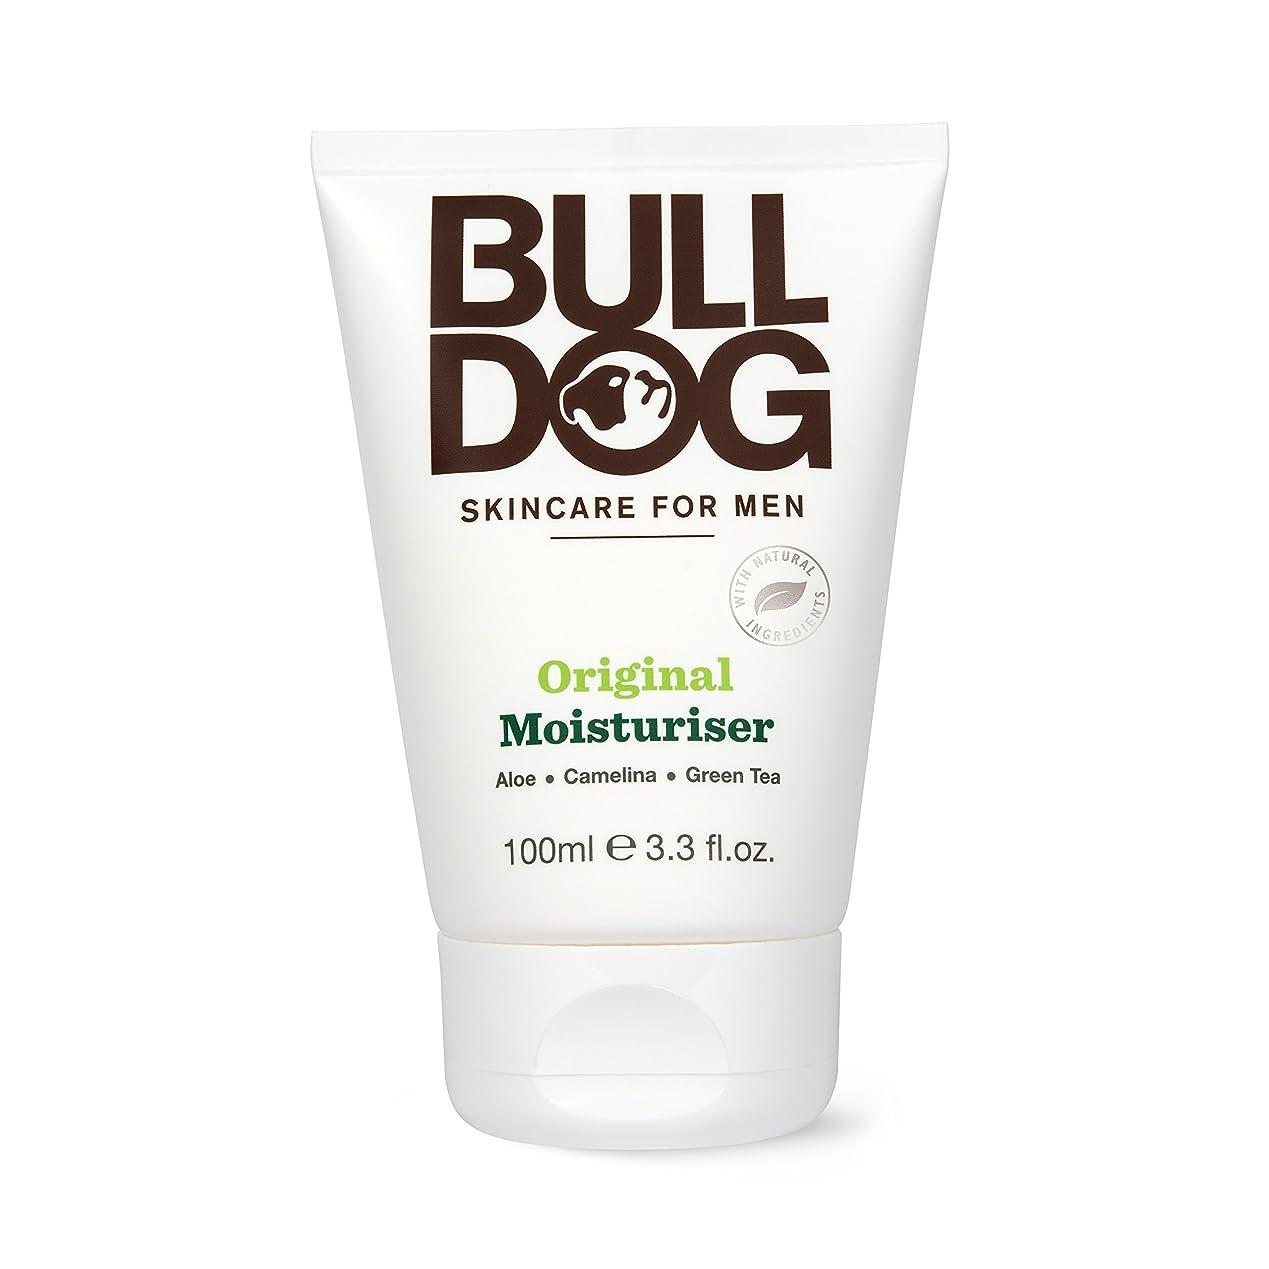 キロメートルミキサー羊飼いブルドッグ Bulldog オリジナル モイスチャライザー(保湿クリーム) 100mL